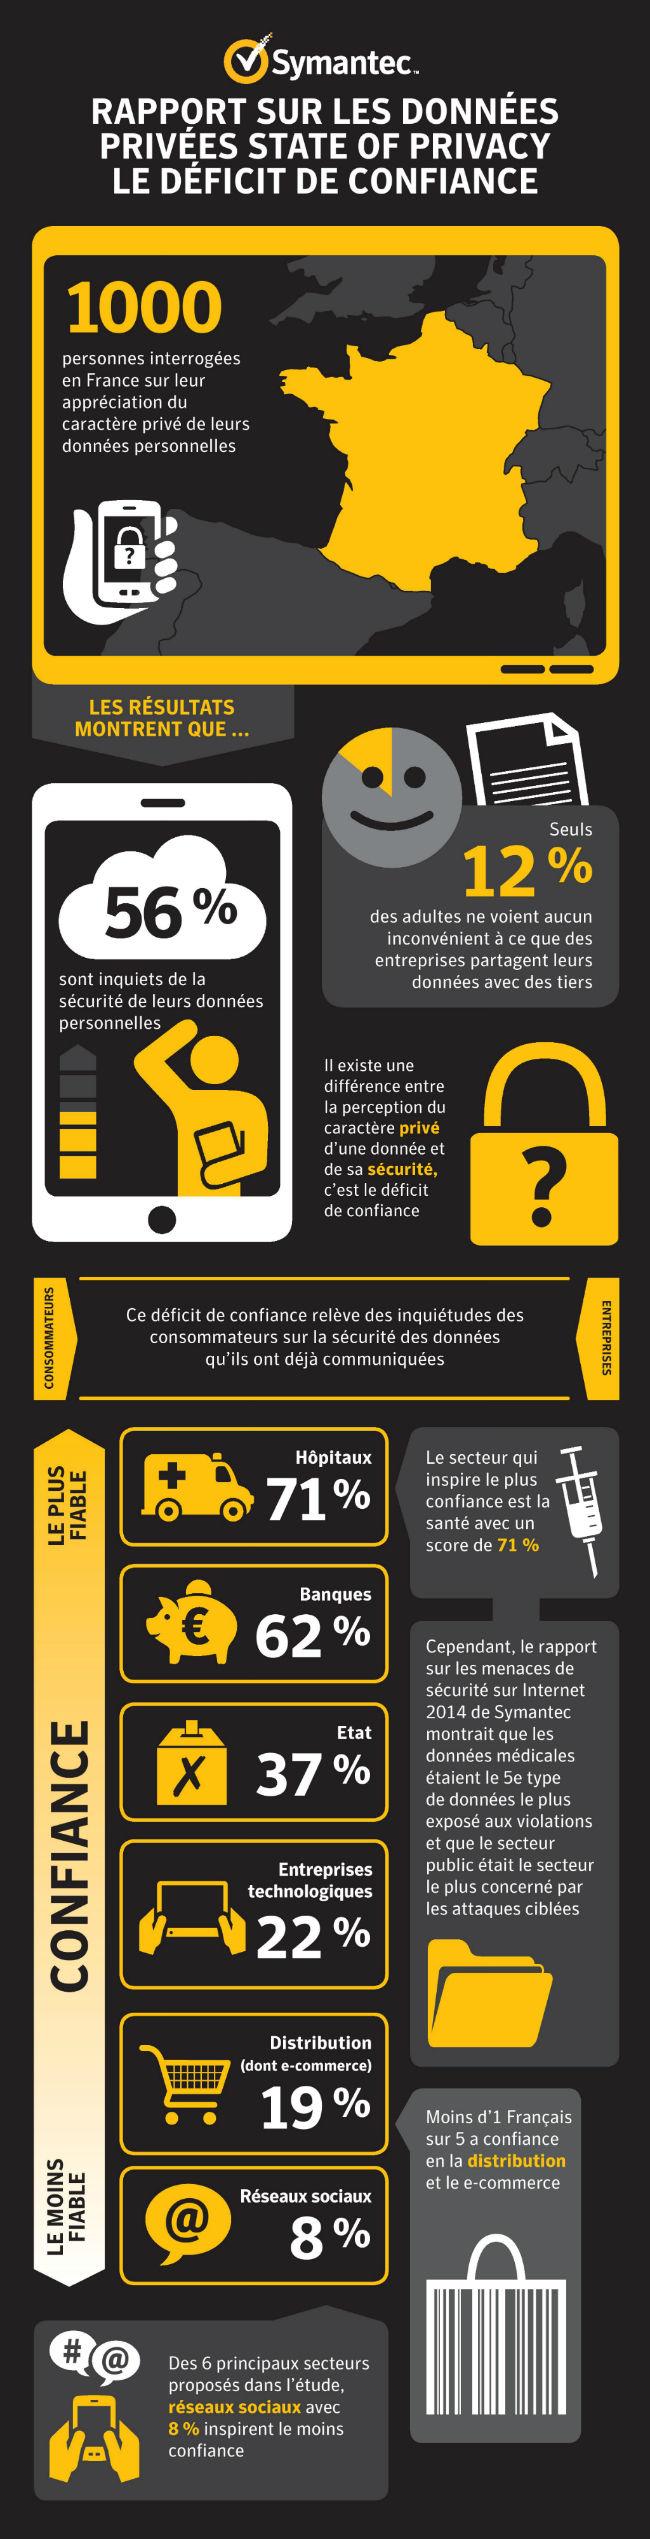 infographie-donnees-personnelles-symantec-2015